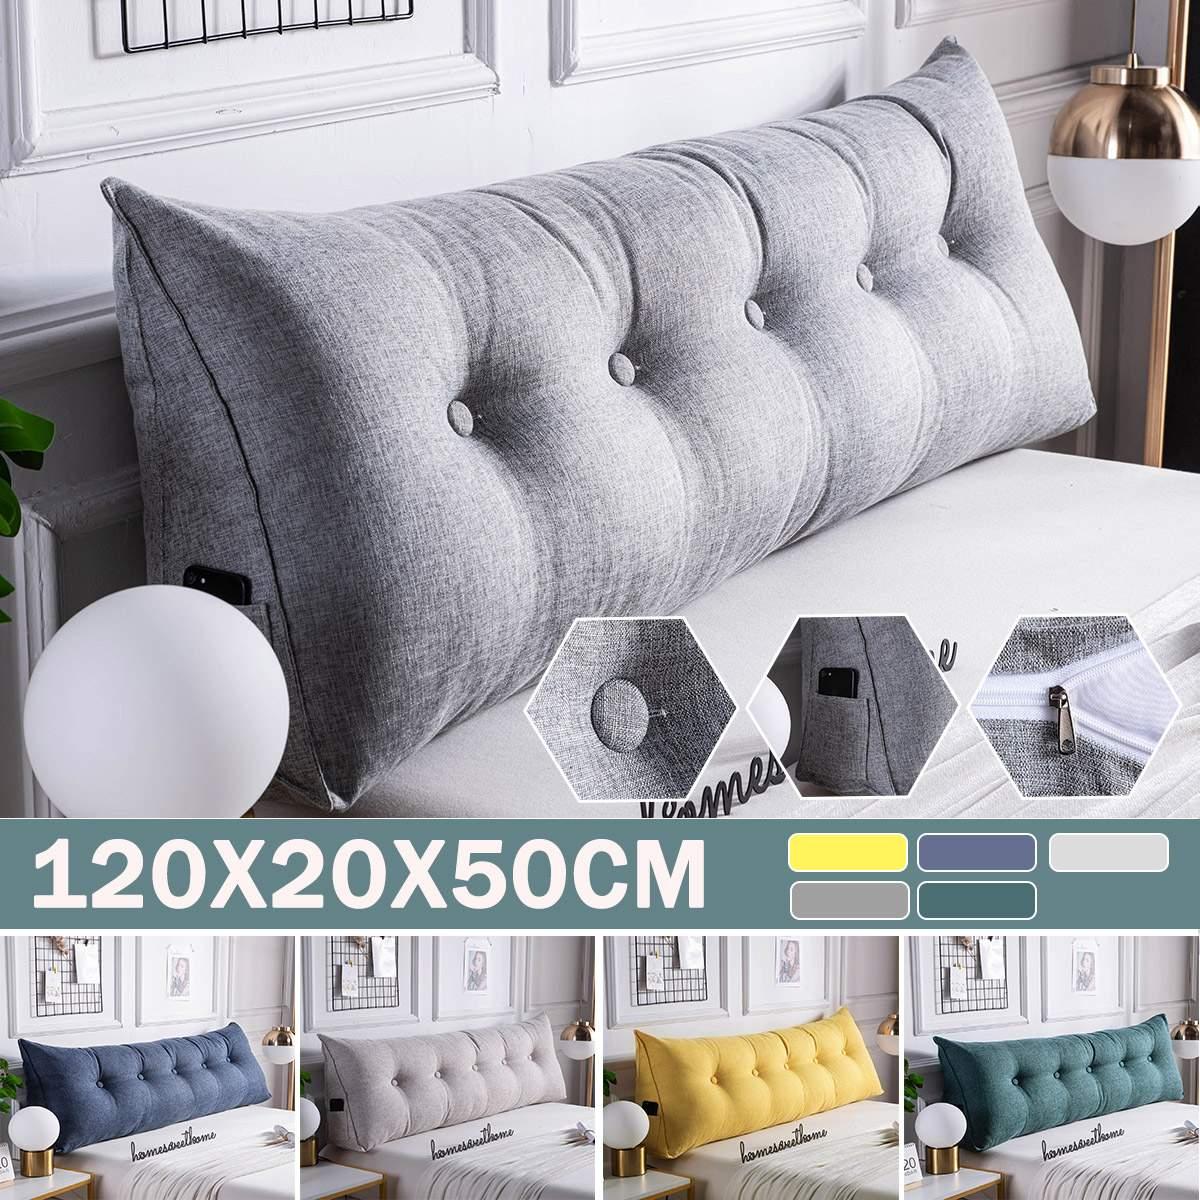 وسادة سرير مستطيلة مثلثة طويلة ، مسند ظهر ناعم ، وسادة دعم أسفل الظهر ، للمنزل ، 120 × 20 × 50 سنتيمتر